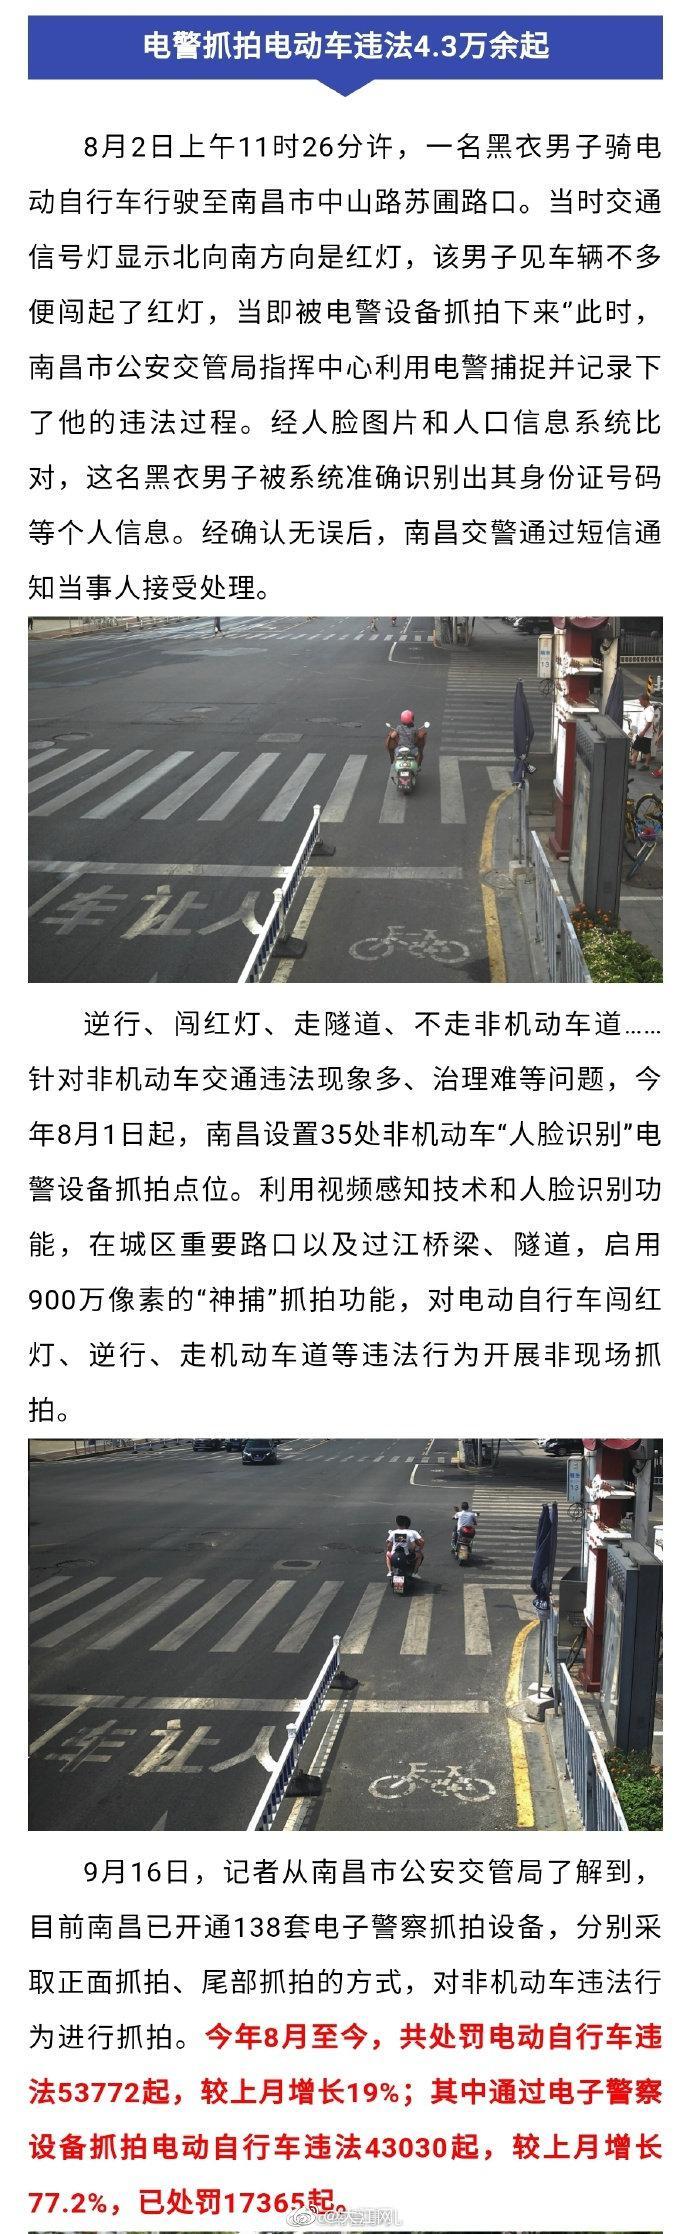 南昌已开通138套电警抓拍非机动车违法